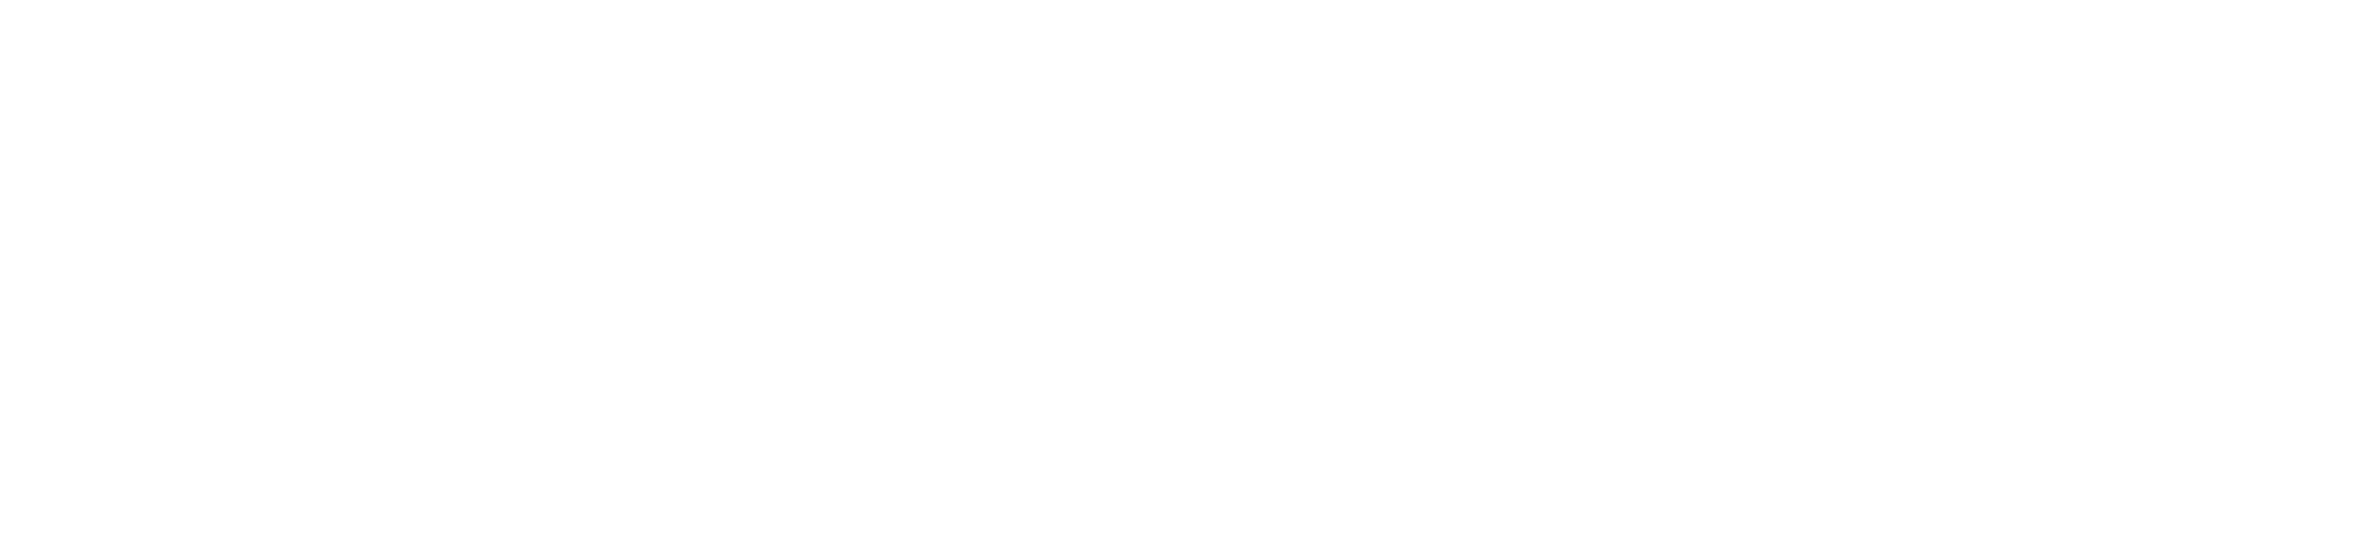 scandic-logo-alb